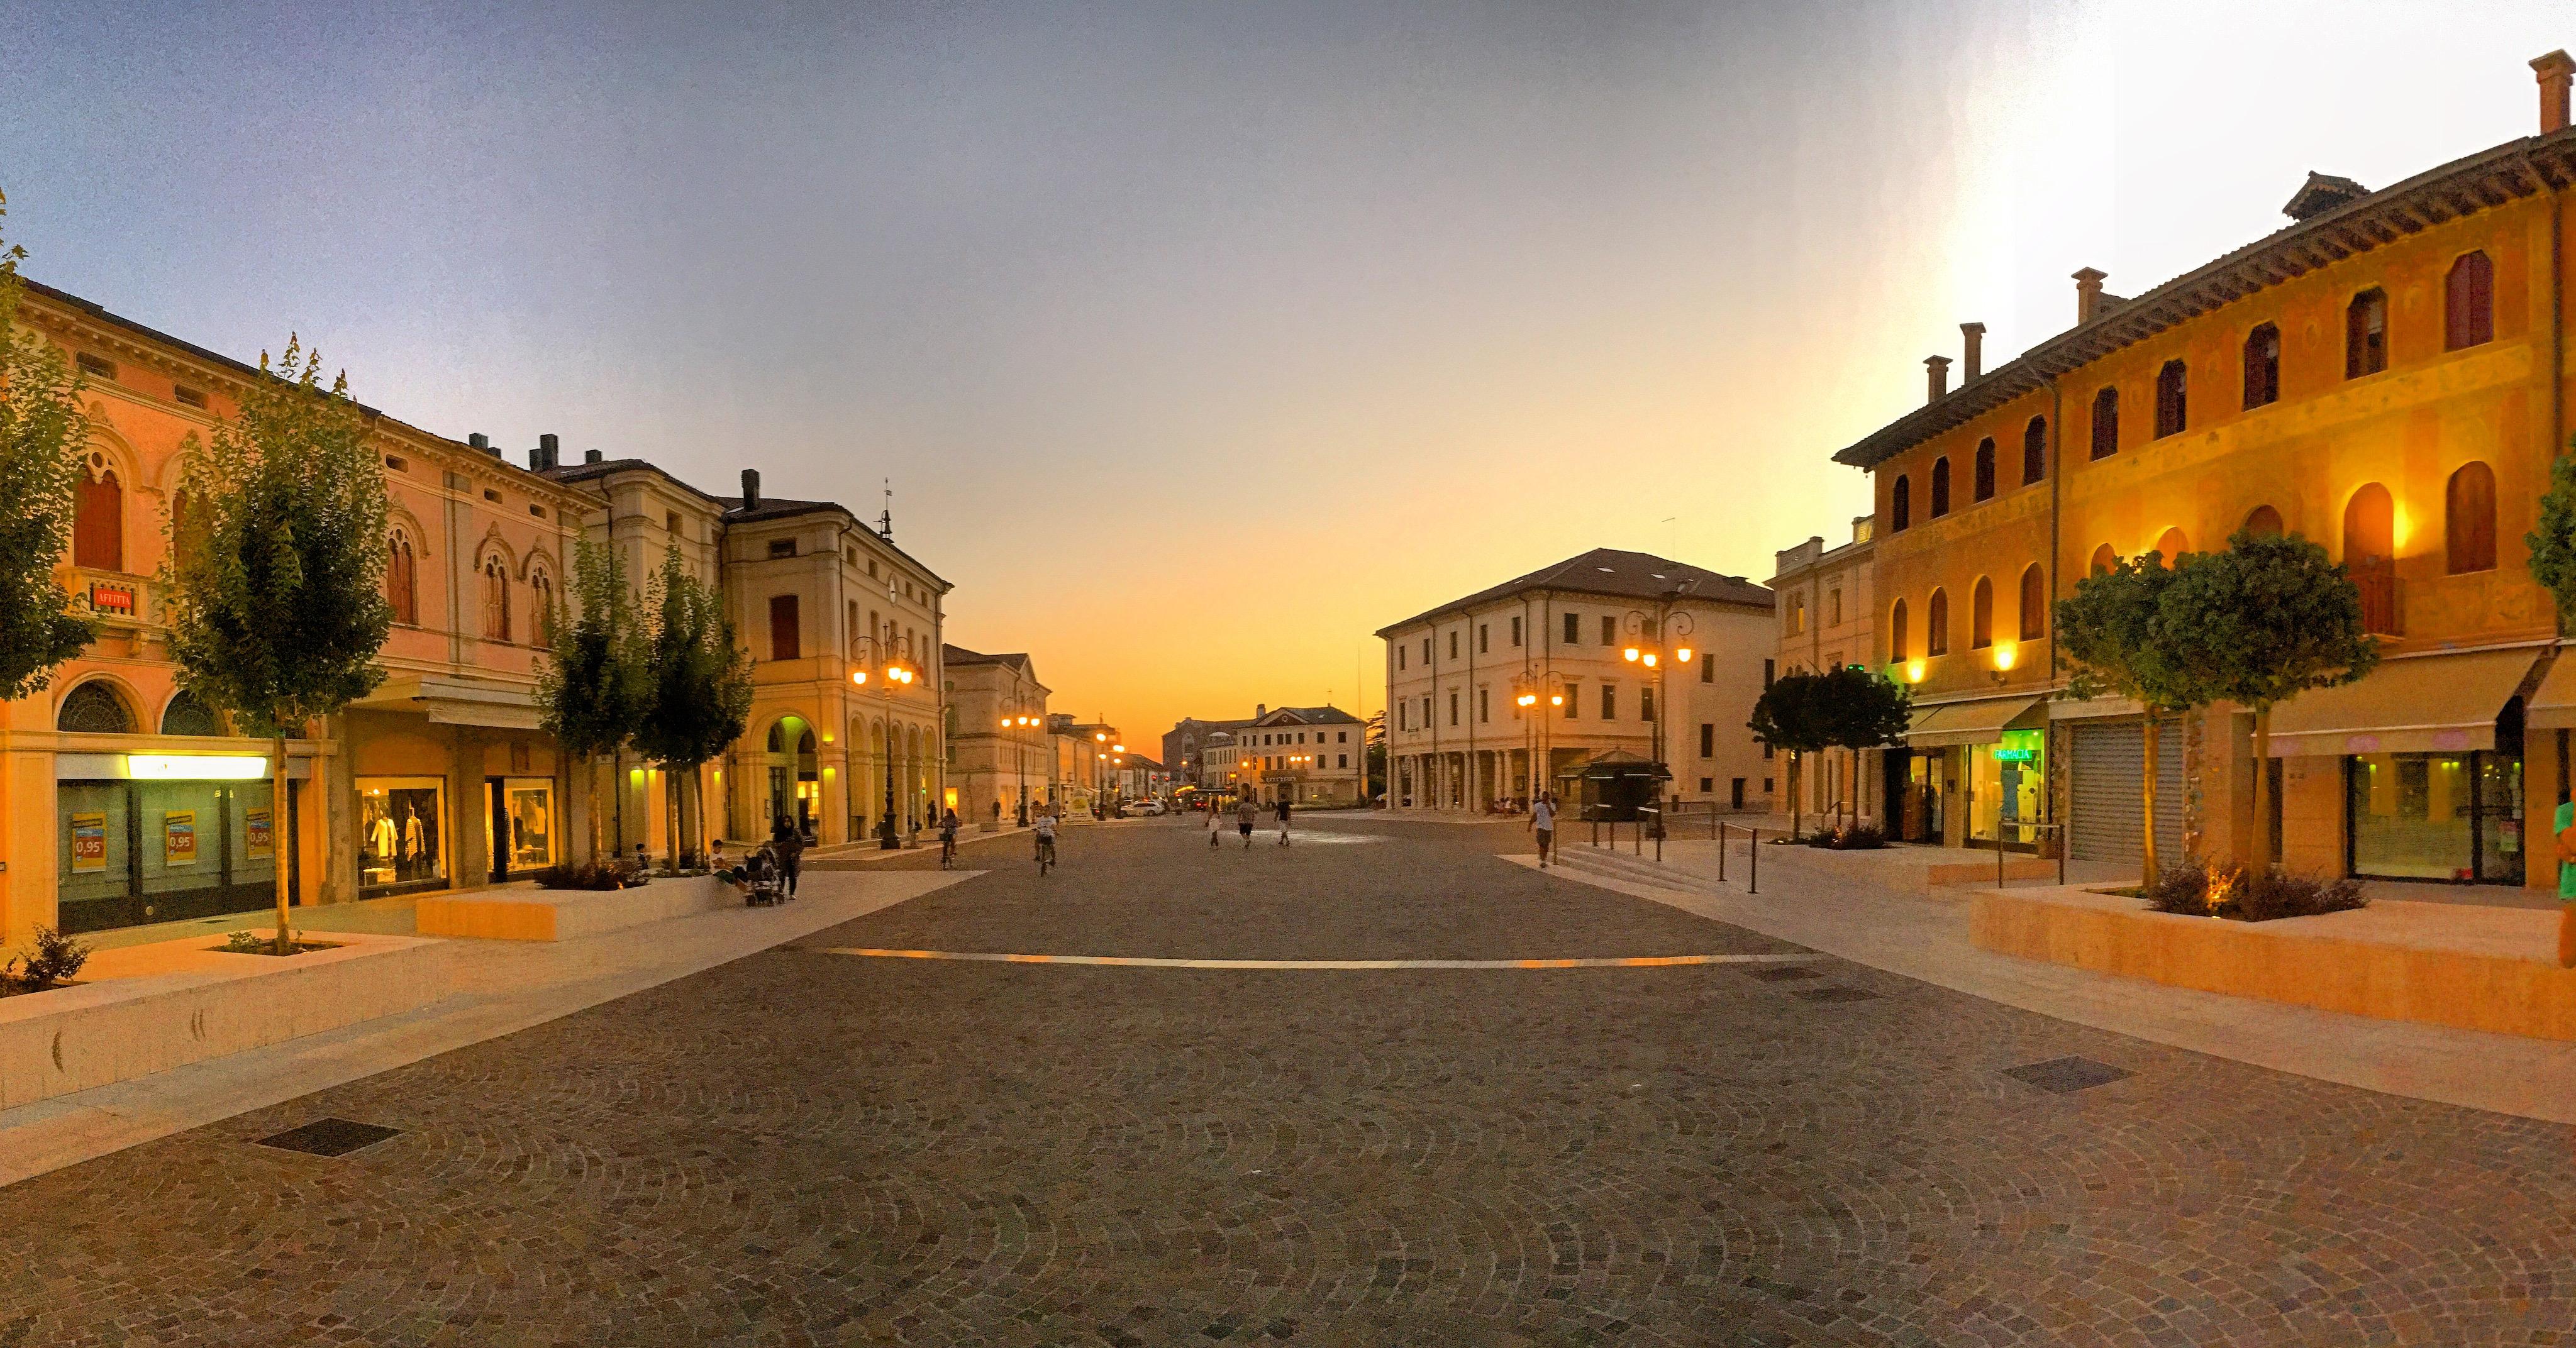 File:Nuova Piazza Montebelluna.jpg - Wikipedia